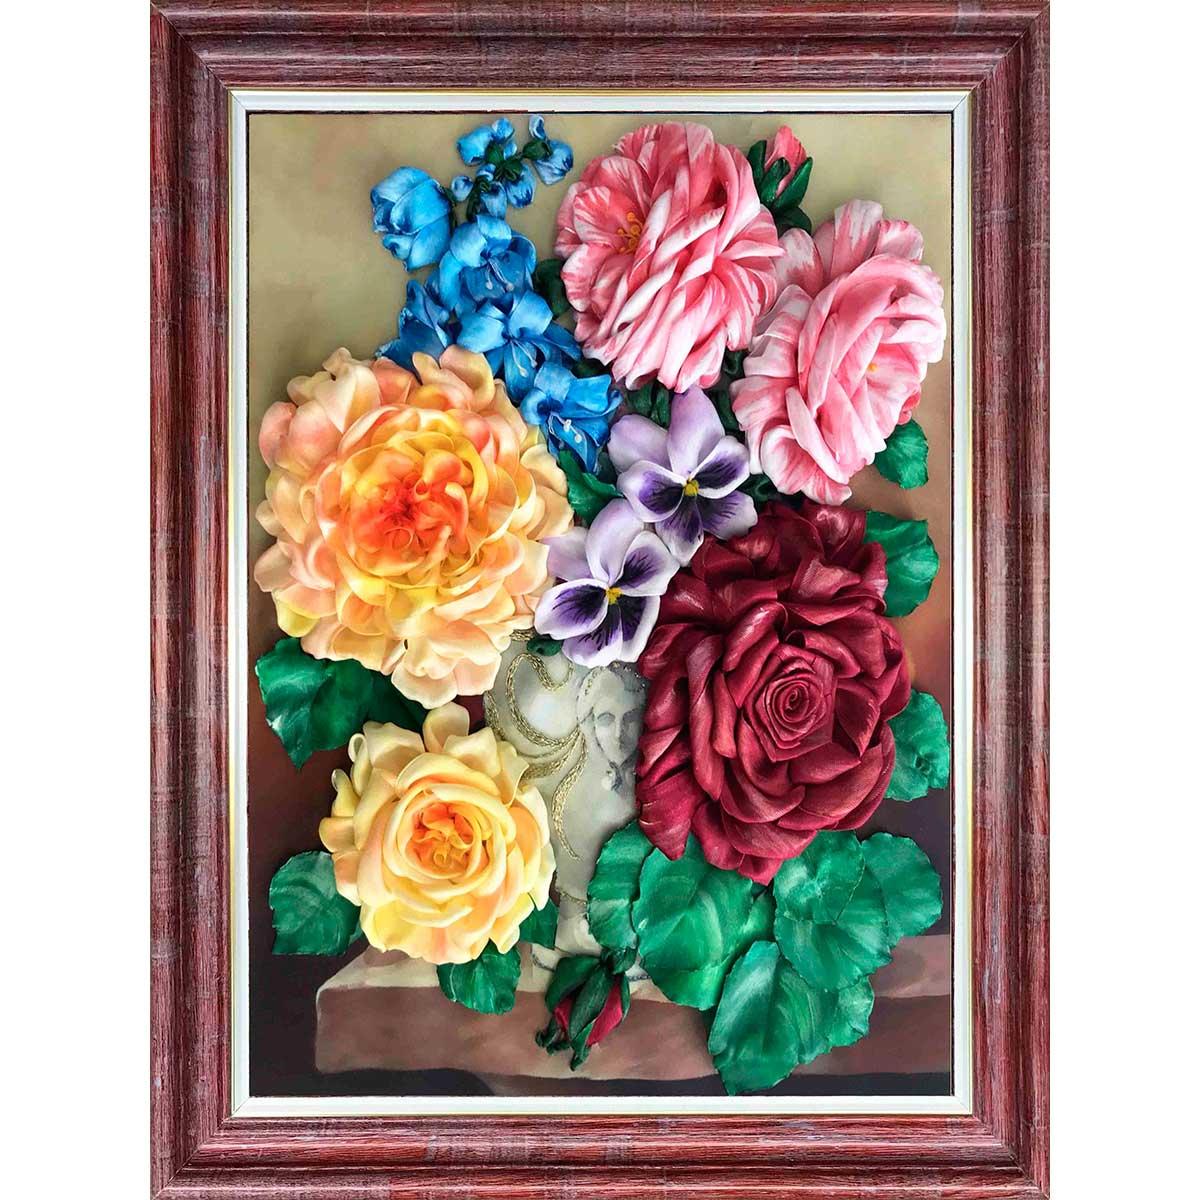 КЛ(н)-3028 Набор для вышивания лентами 'Букет в вазе'27,3 *34,4 см